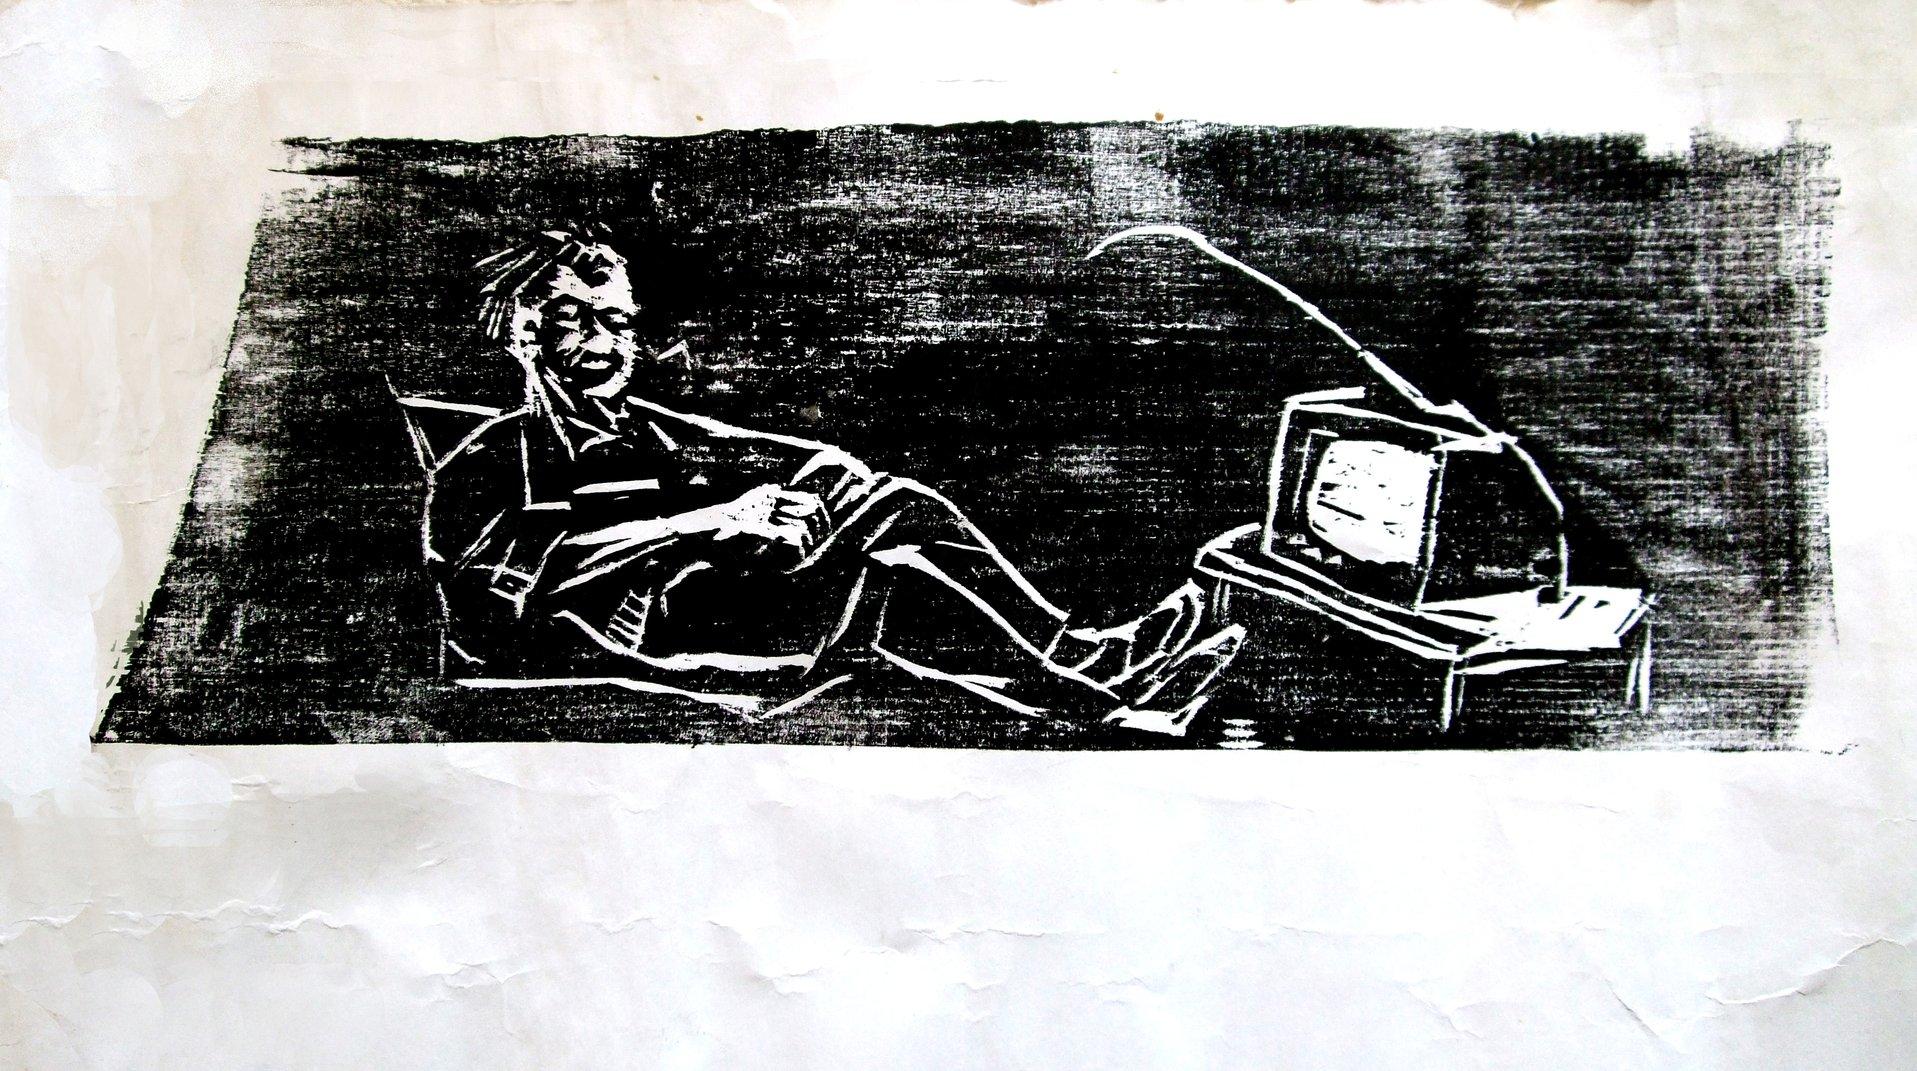 Feierabend, Holzschnitt, 40x20cm, 1989